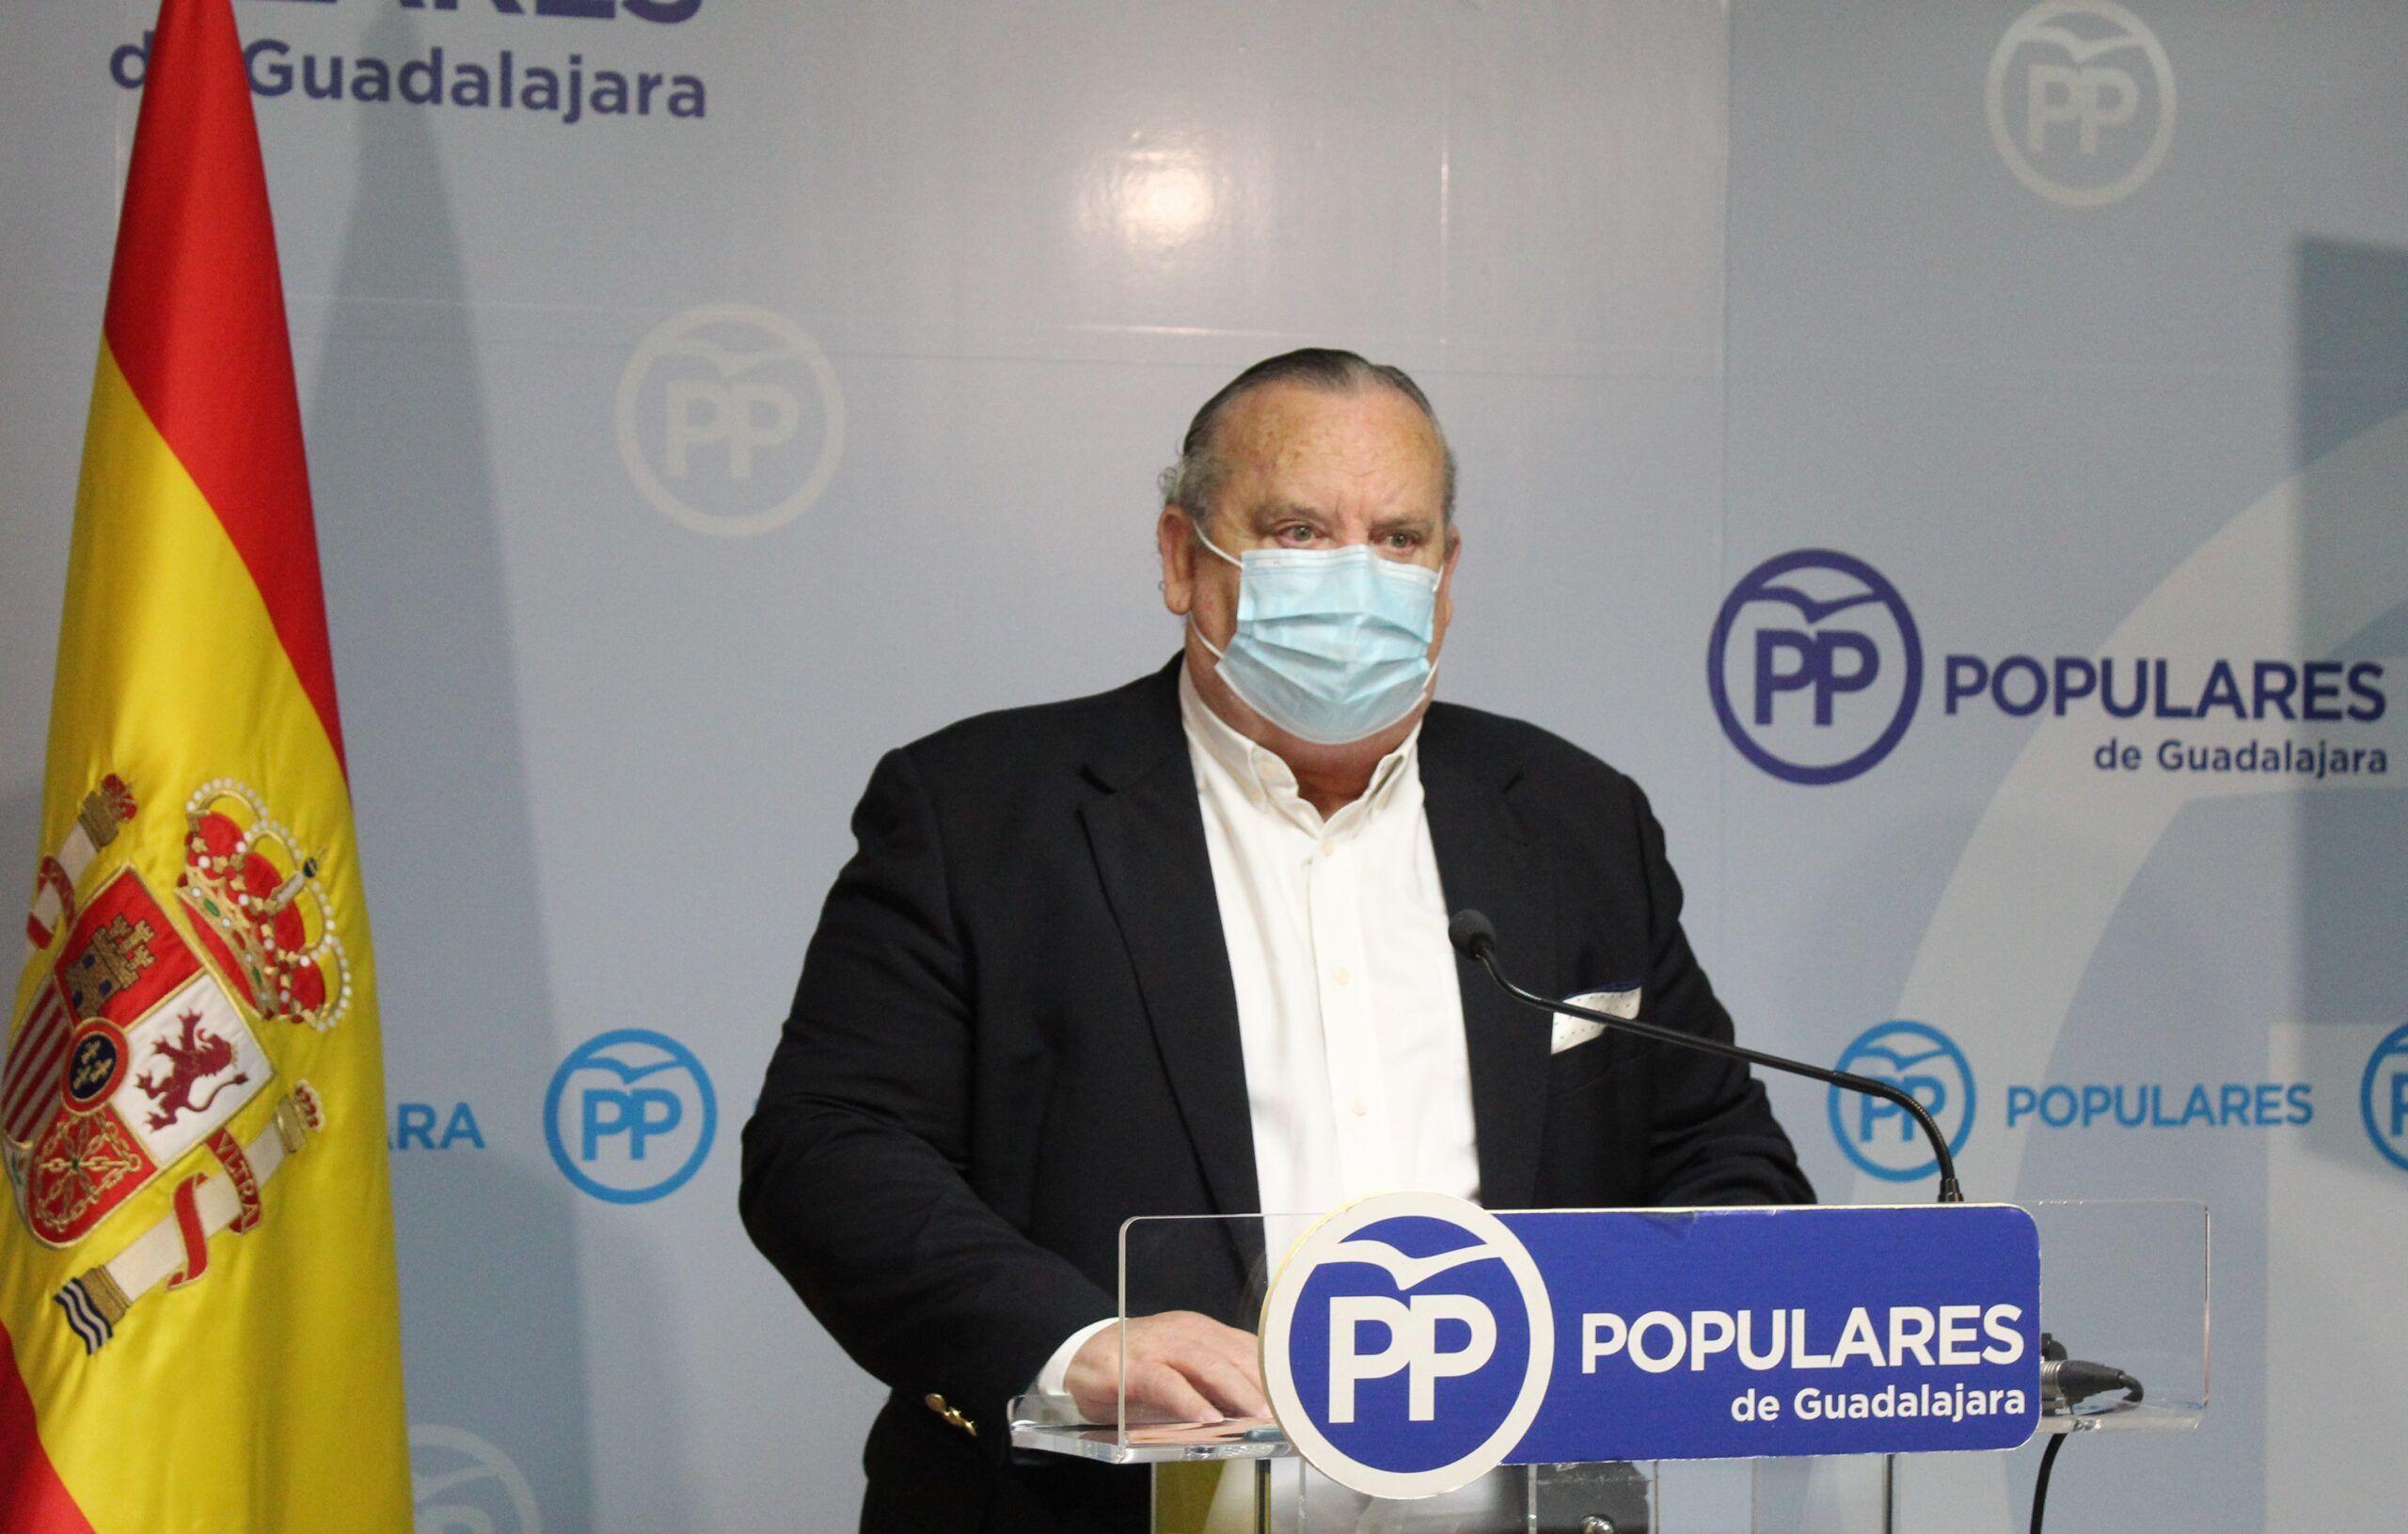 Lamola denuncia la situación preocupante que atraviesa el sector de la hostelería en la región y pide ayudas inmediatas al sector que palien las medidas restrictivas de Sánchez y Page